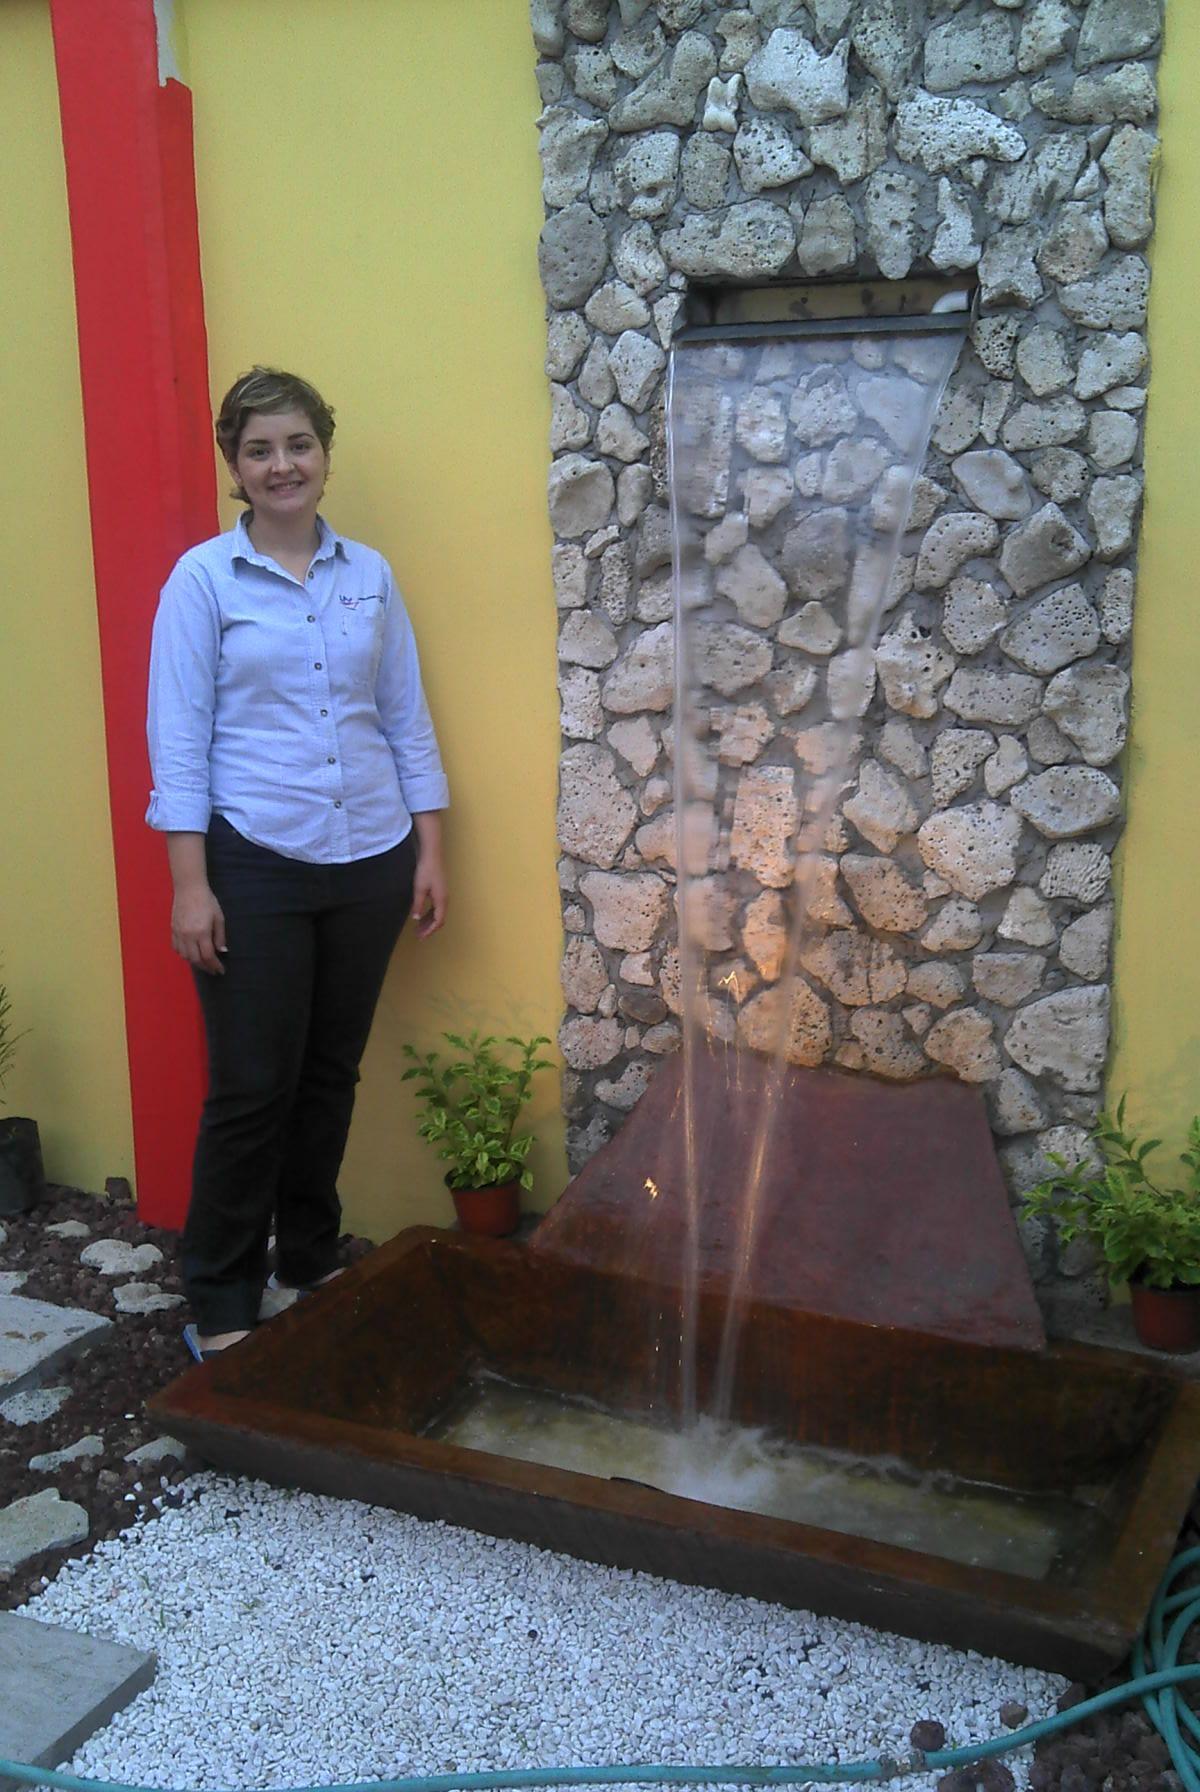 Fuente de agua en el jard n las cosas que me gustan - Fuentes de agua de jardin ...